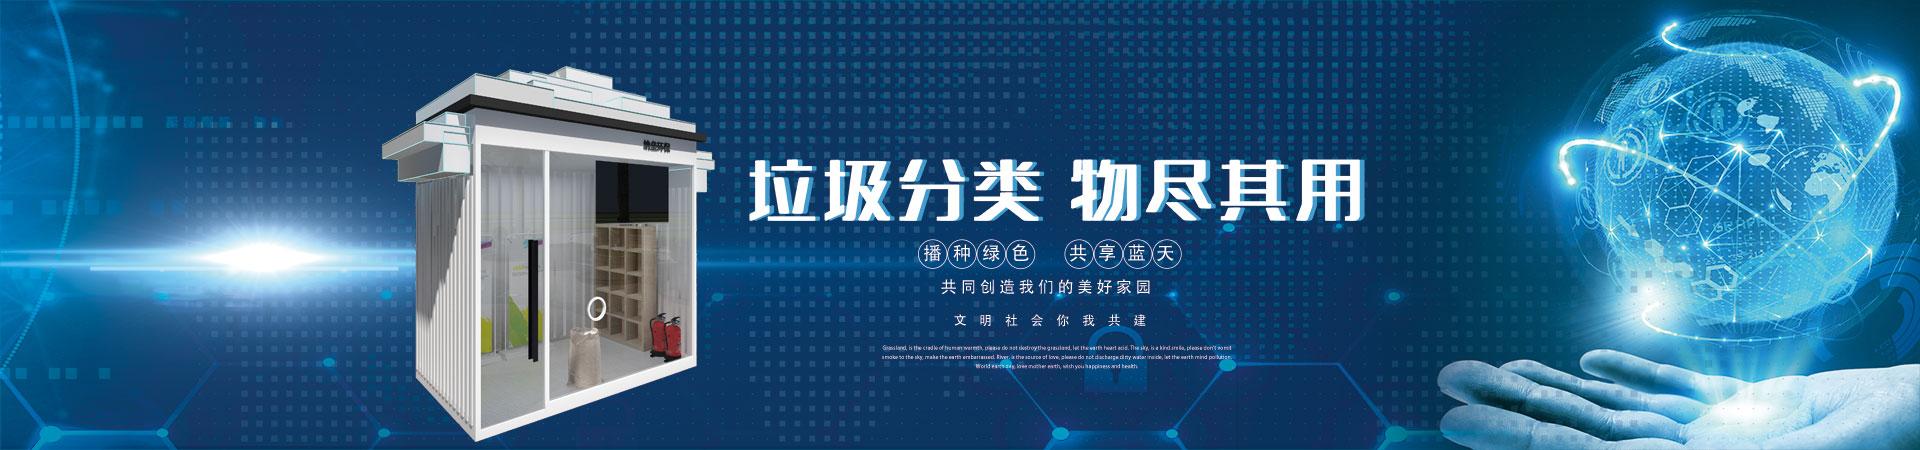 http://www.chinanalei.com/data/upload/202008/20200831170217_802.jpg